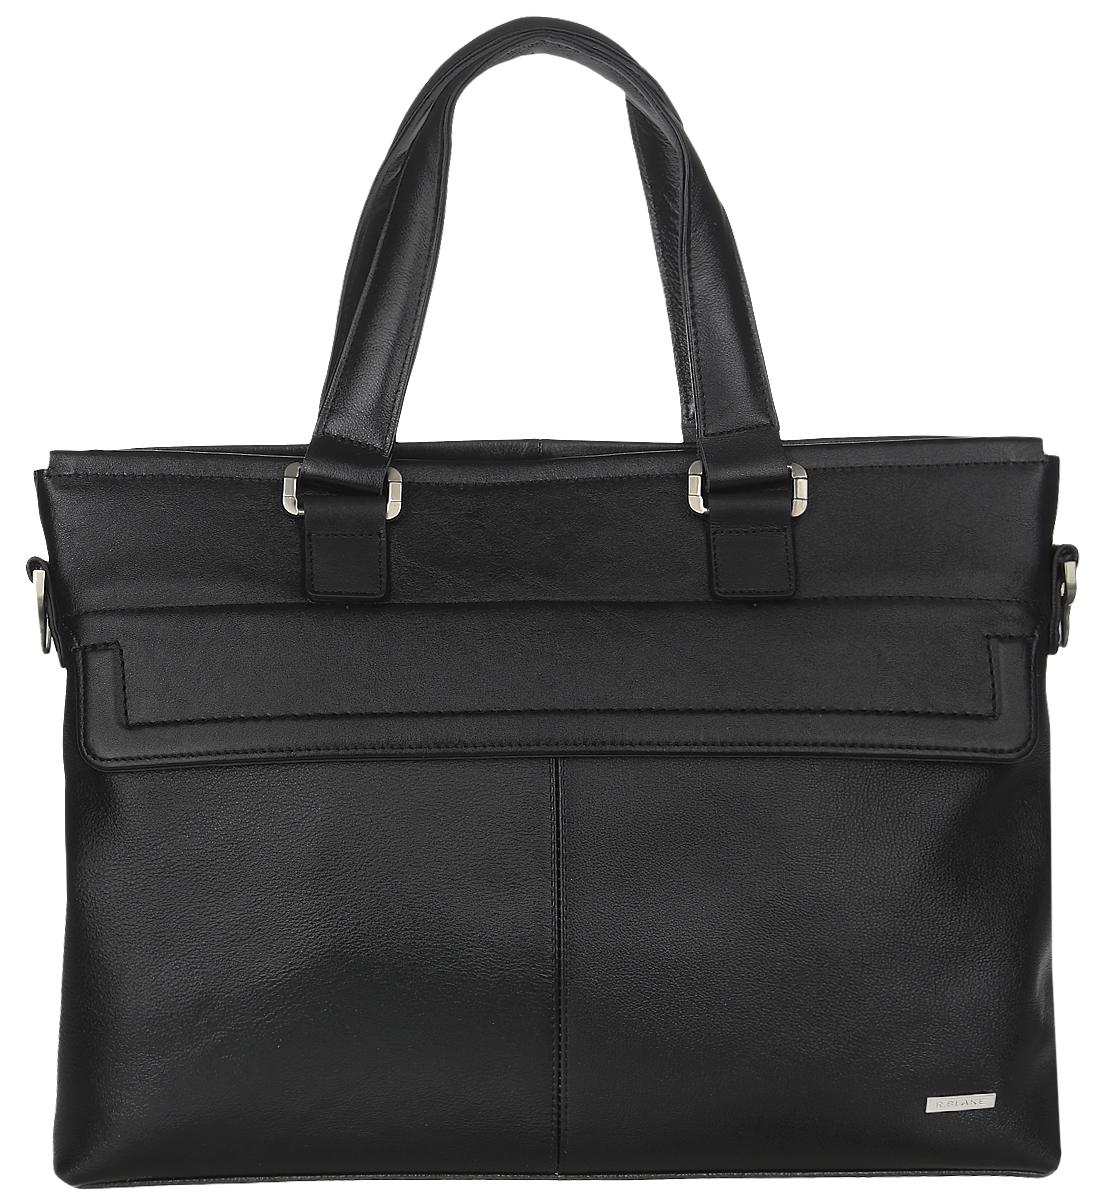 Сумка мужская R.Blake Martin, цвет: черный. GMRI00-00ML06-A0201O-K100EQW-M710DB-1A1Стильная мужская сумка R.Blake Martin выполнена из натуральной кожи. Изделие имеет одно отделение, которое закрывается на застежку-молнию. Внутри сумки расположены открытый накладной карман, мягкий карман для планшета, закрывающийся на хлястик с липучкой, и прорезной карман на застежке-молнии. Снаружи, на передней стенке под клапаном находится прорезной карман на застежке-молнии, на задней стенке - дополнительный прорезной карман на застежке-молнии. Сумка оснащена двумя удобными ручками. В комплект входит съемный текстильный плечевой ремень, который регулируется по длине.Стильная сумка идеально подчеркнет ваш неповторимый стиль.